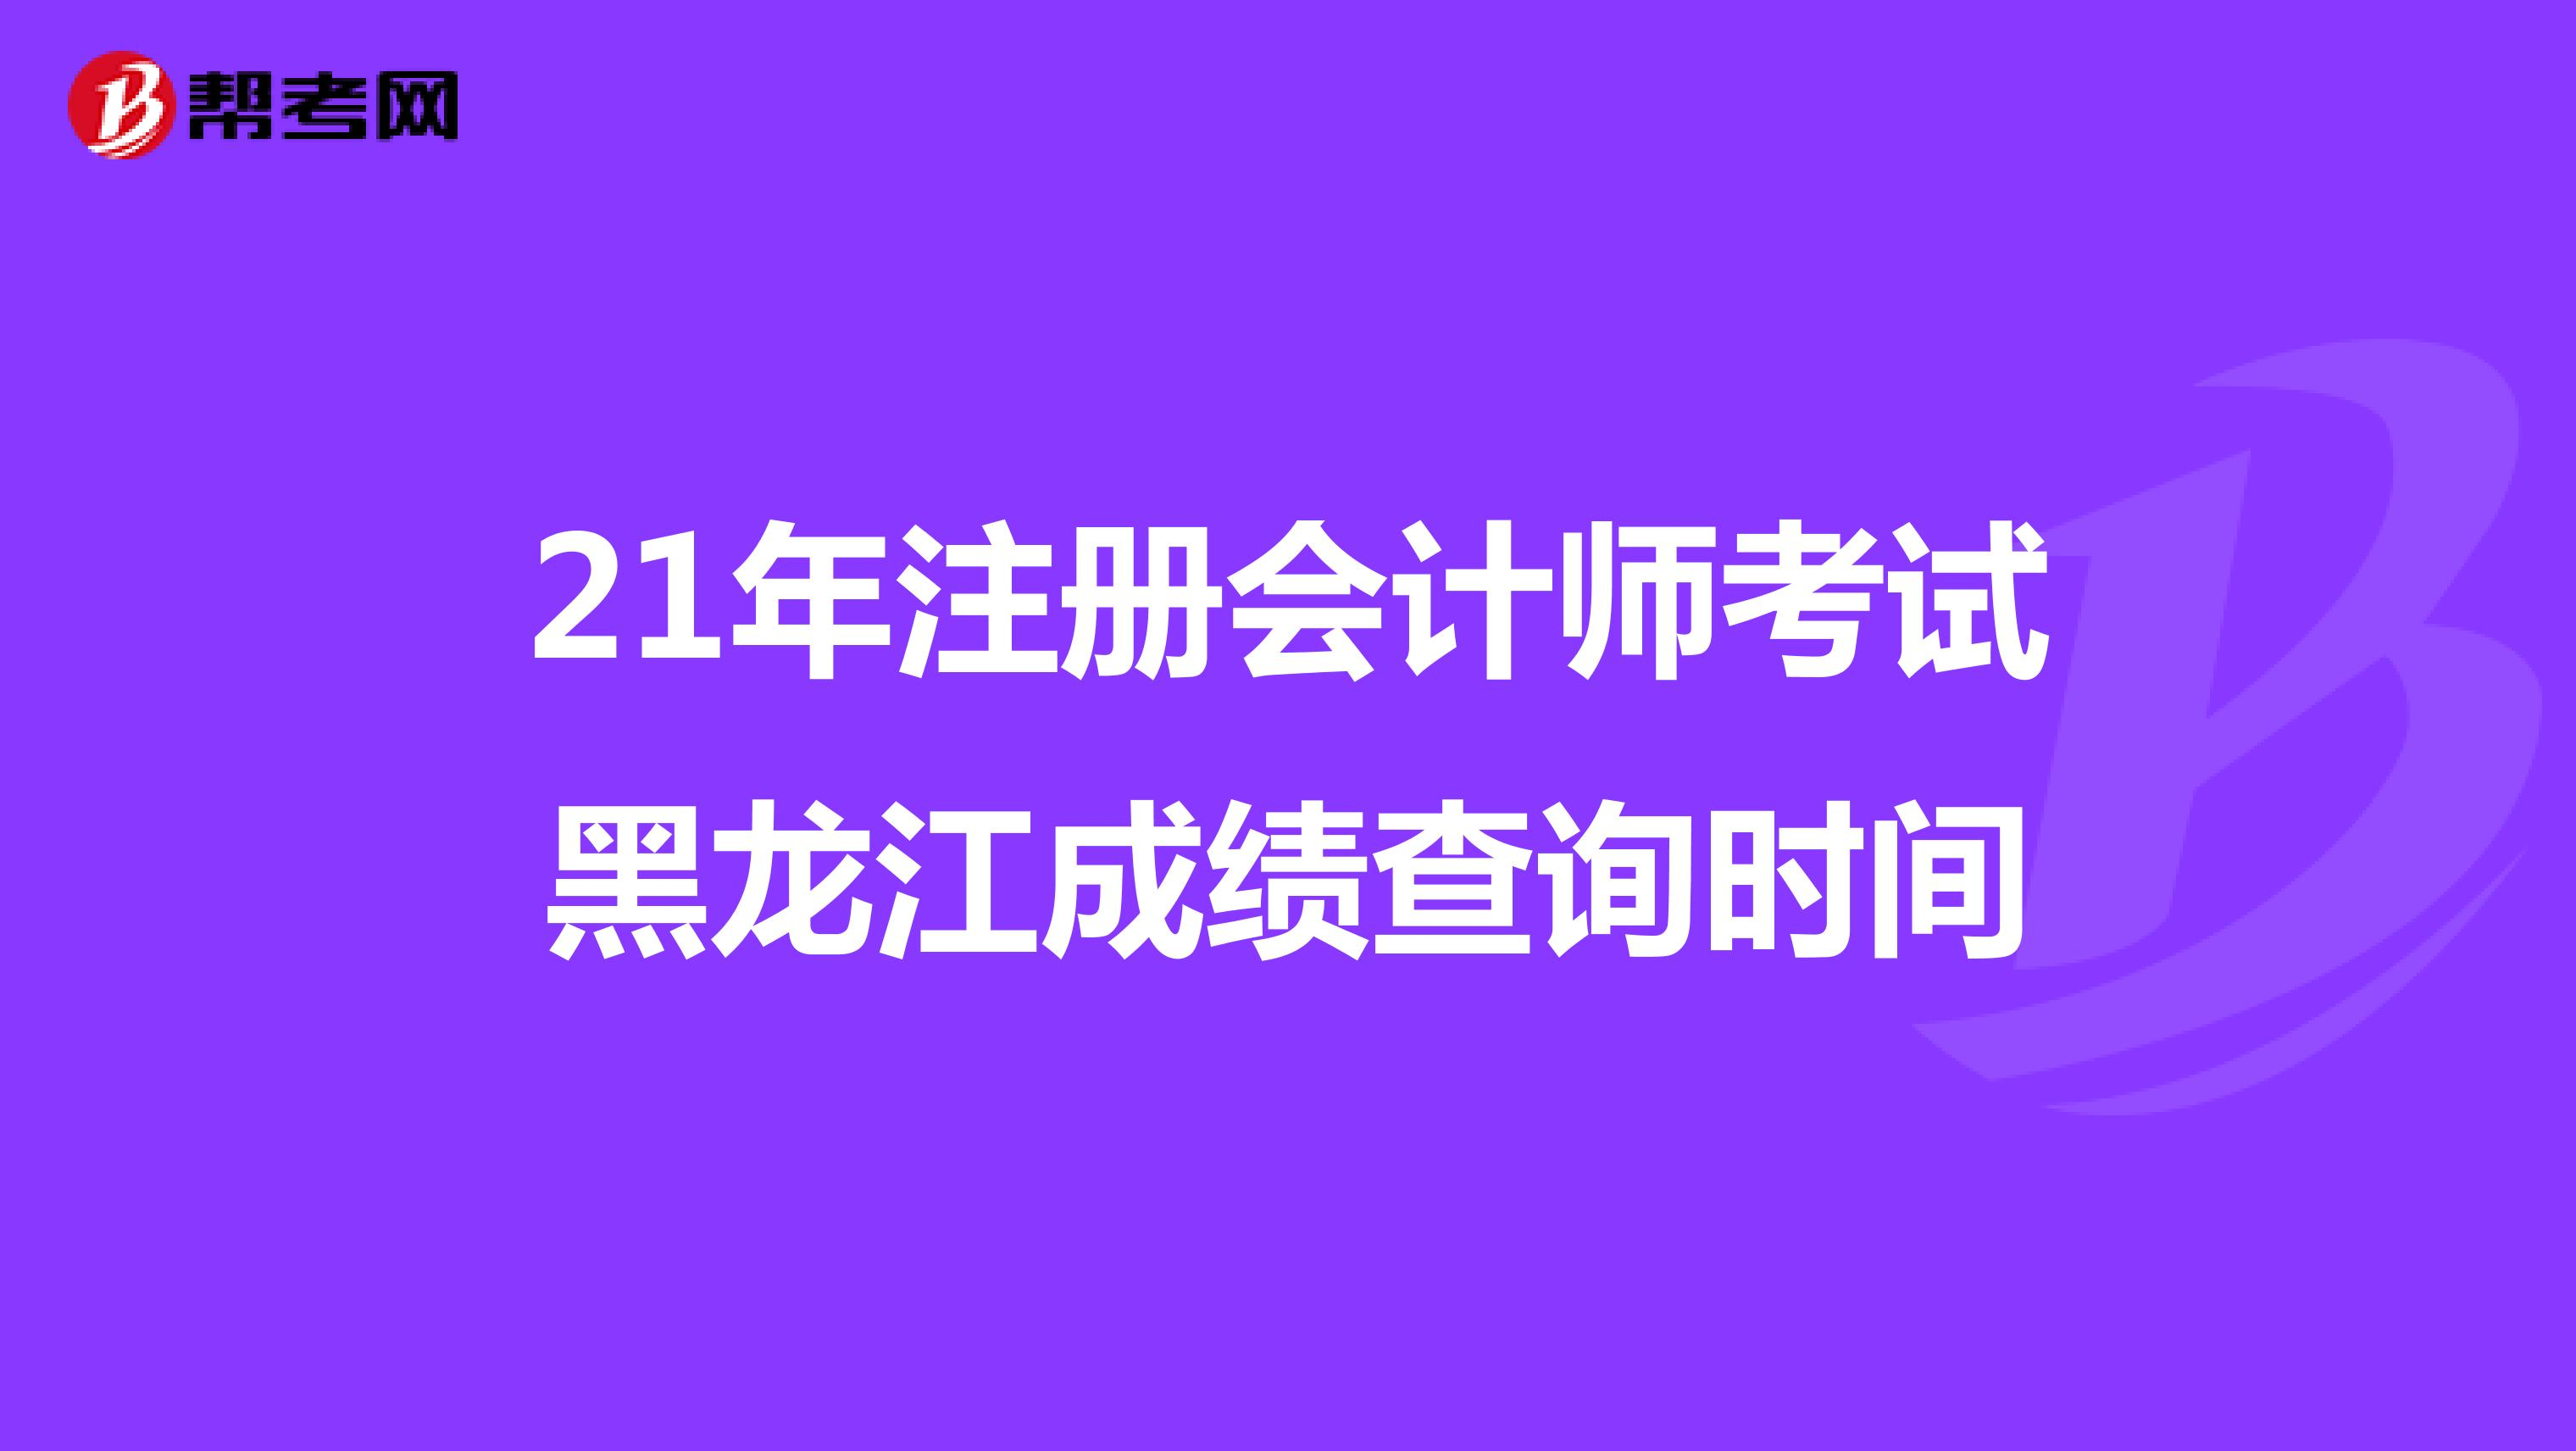 21年【hot88热竞技提款】注册会计师考试黑龙江成绩查询时间